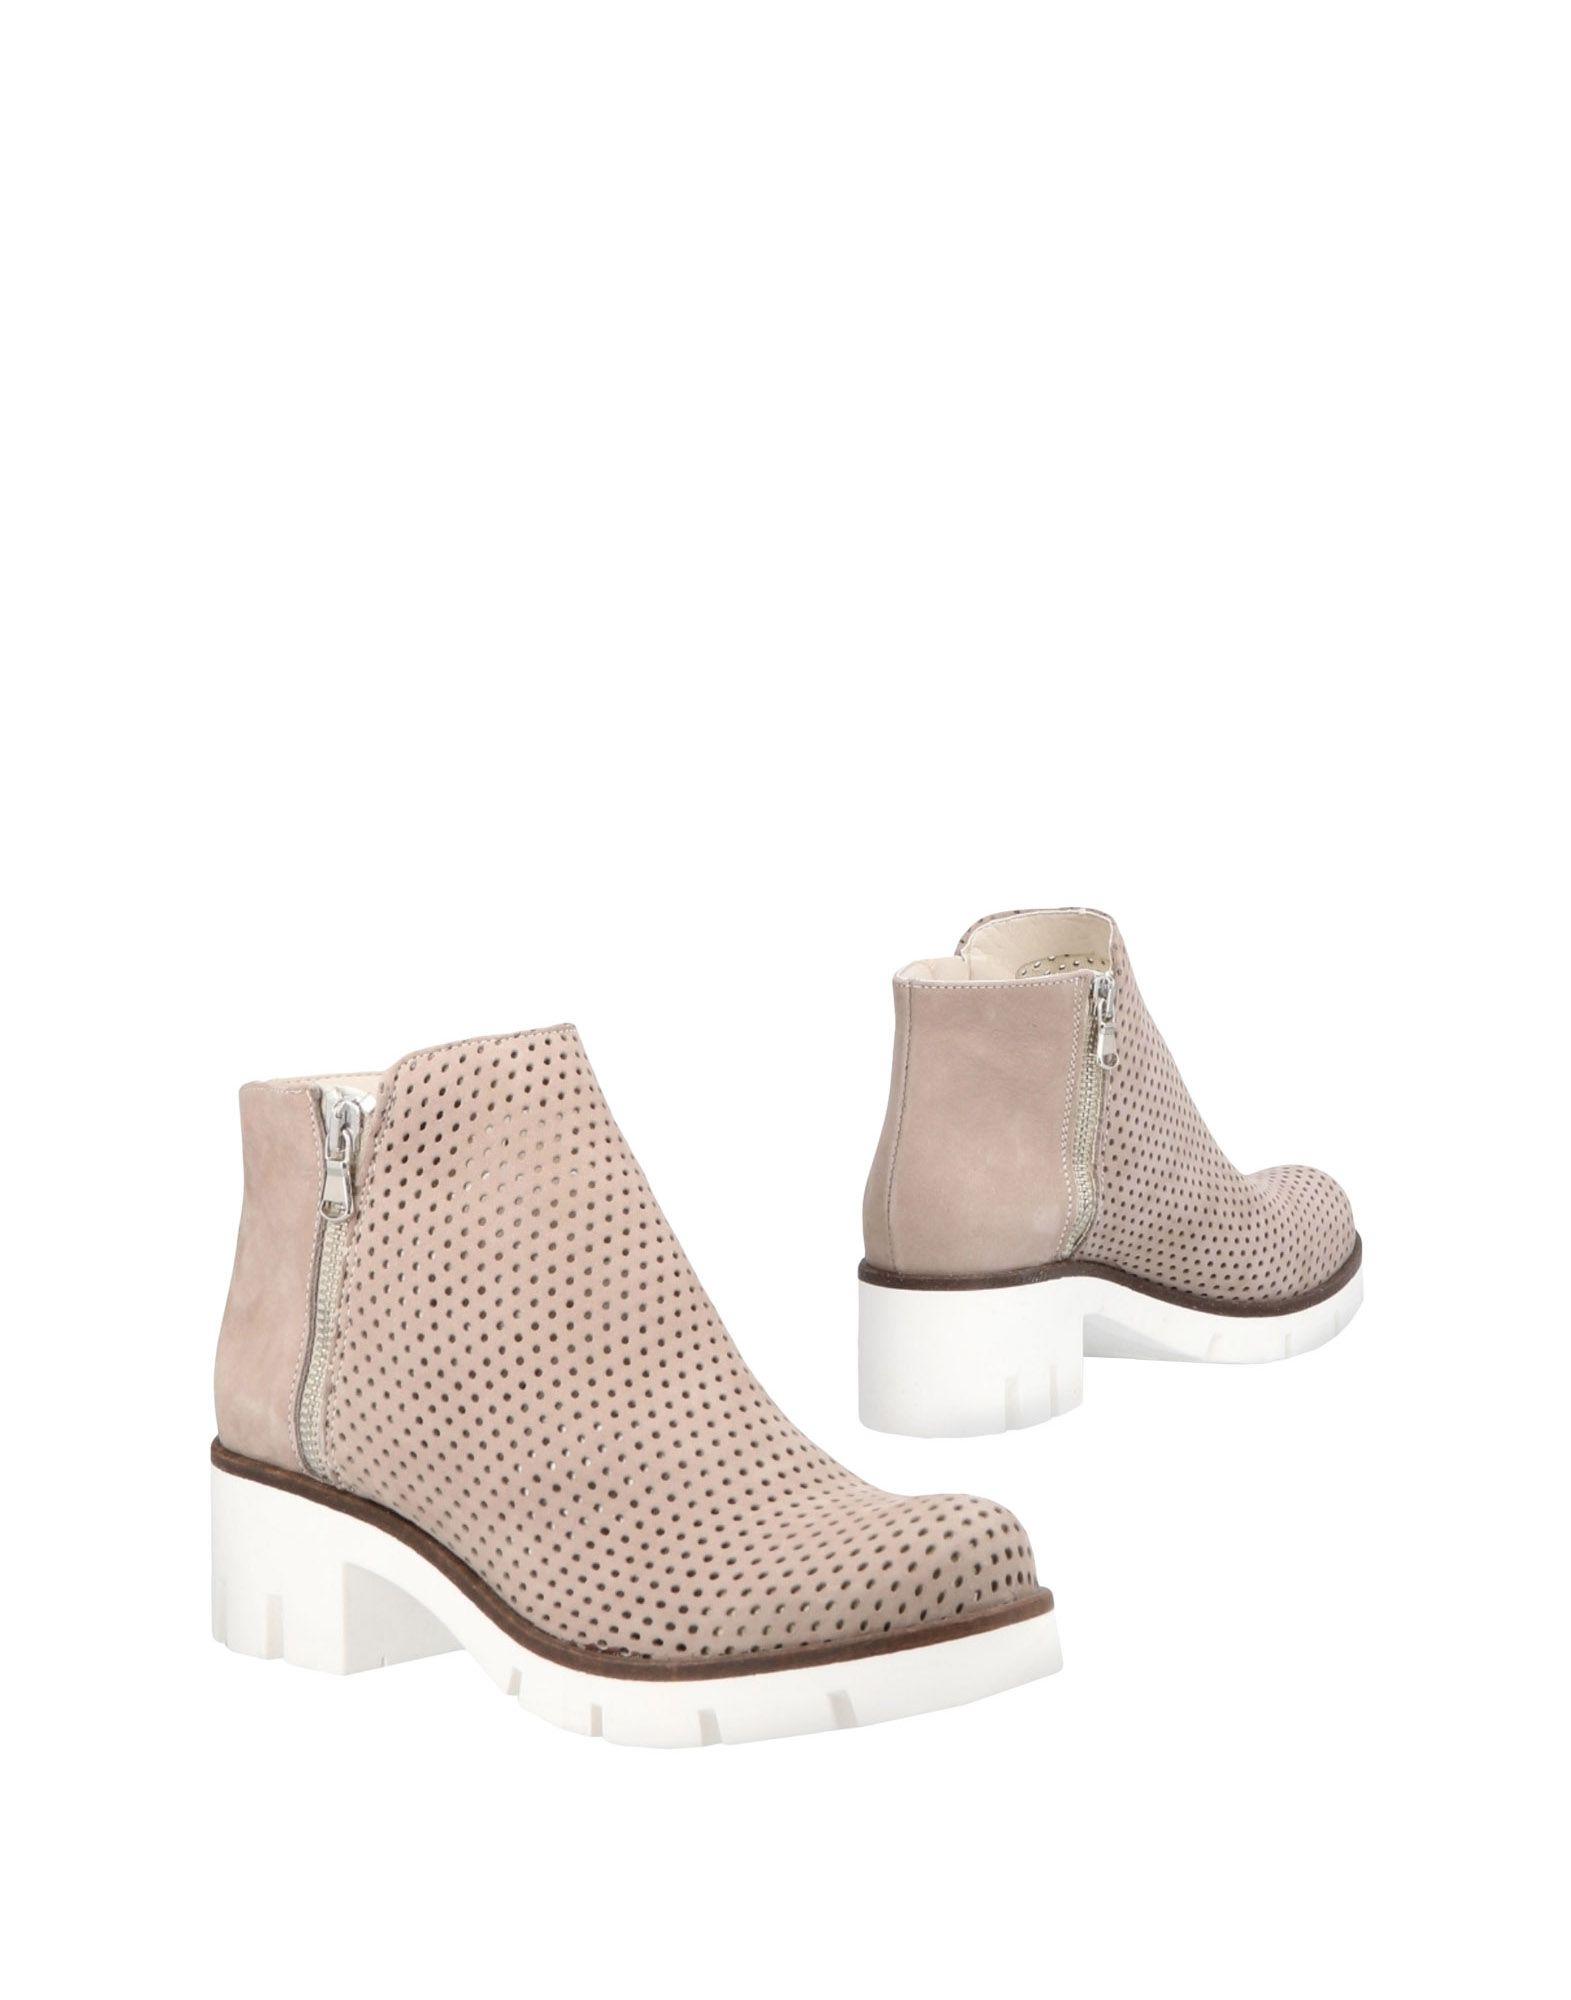 Unlace Stiefelette Damen  11482896XX Gute Qualität beliebte Schuhe Schuhe Schuhe d39bcf